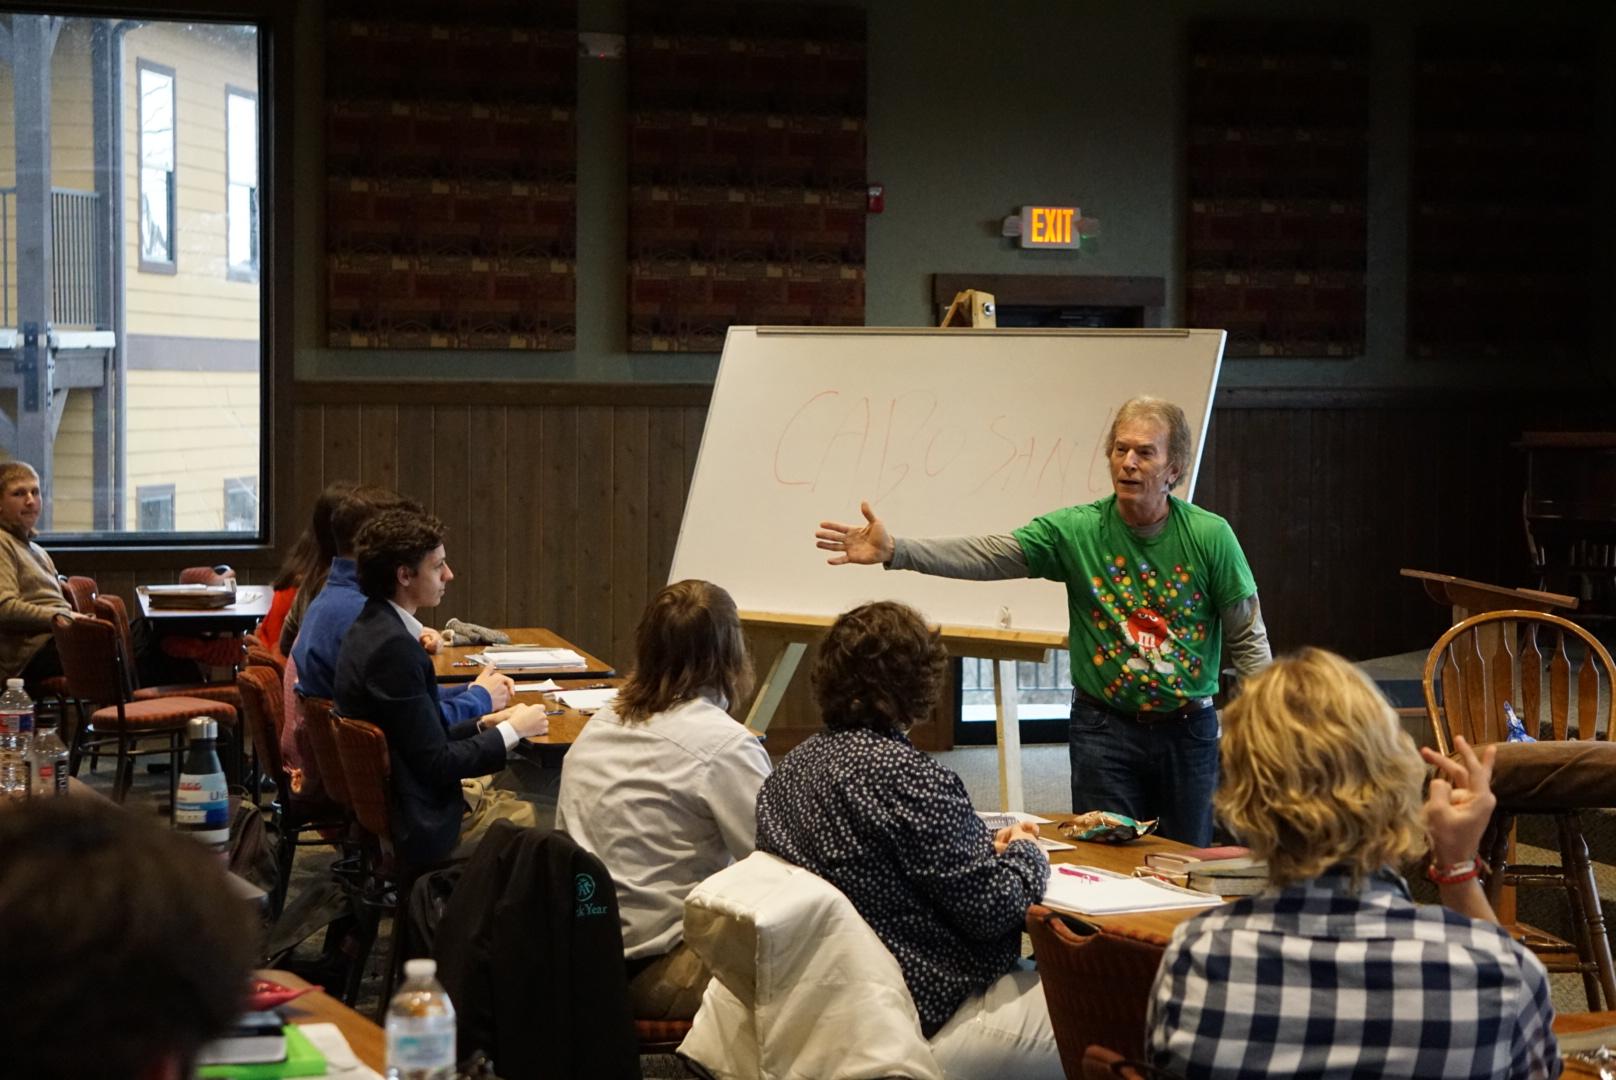 Joe White teaching